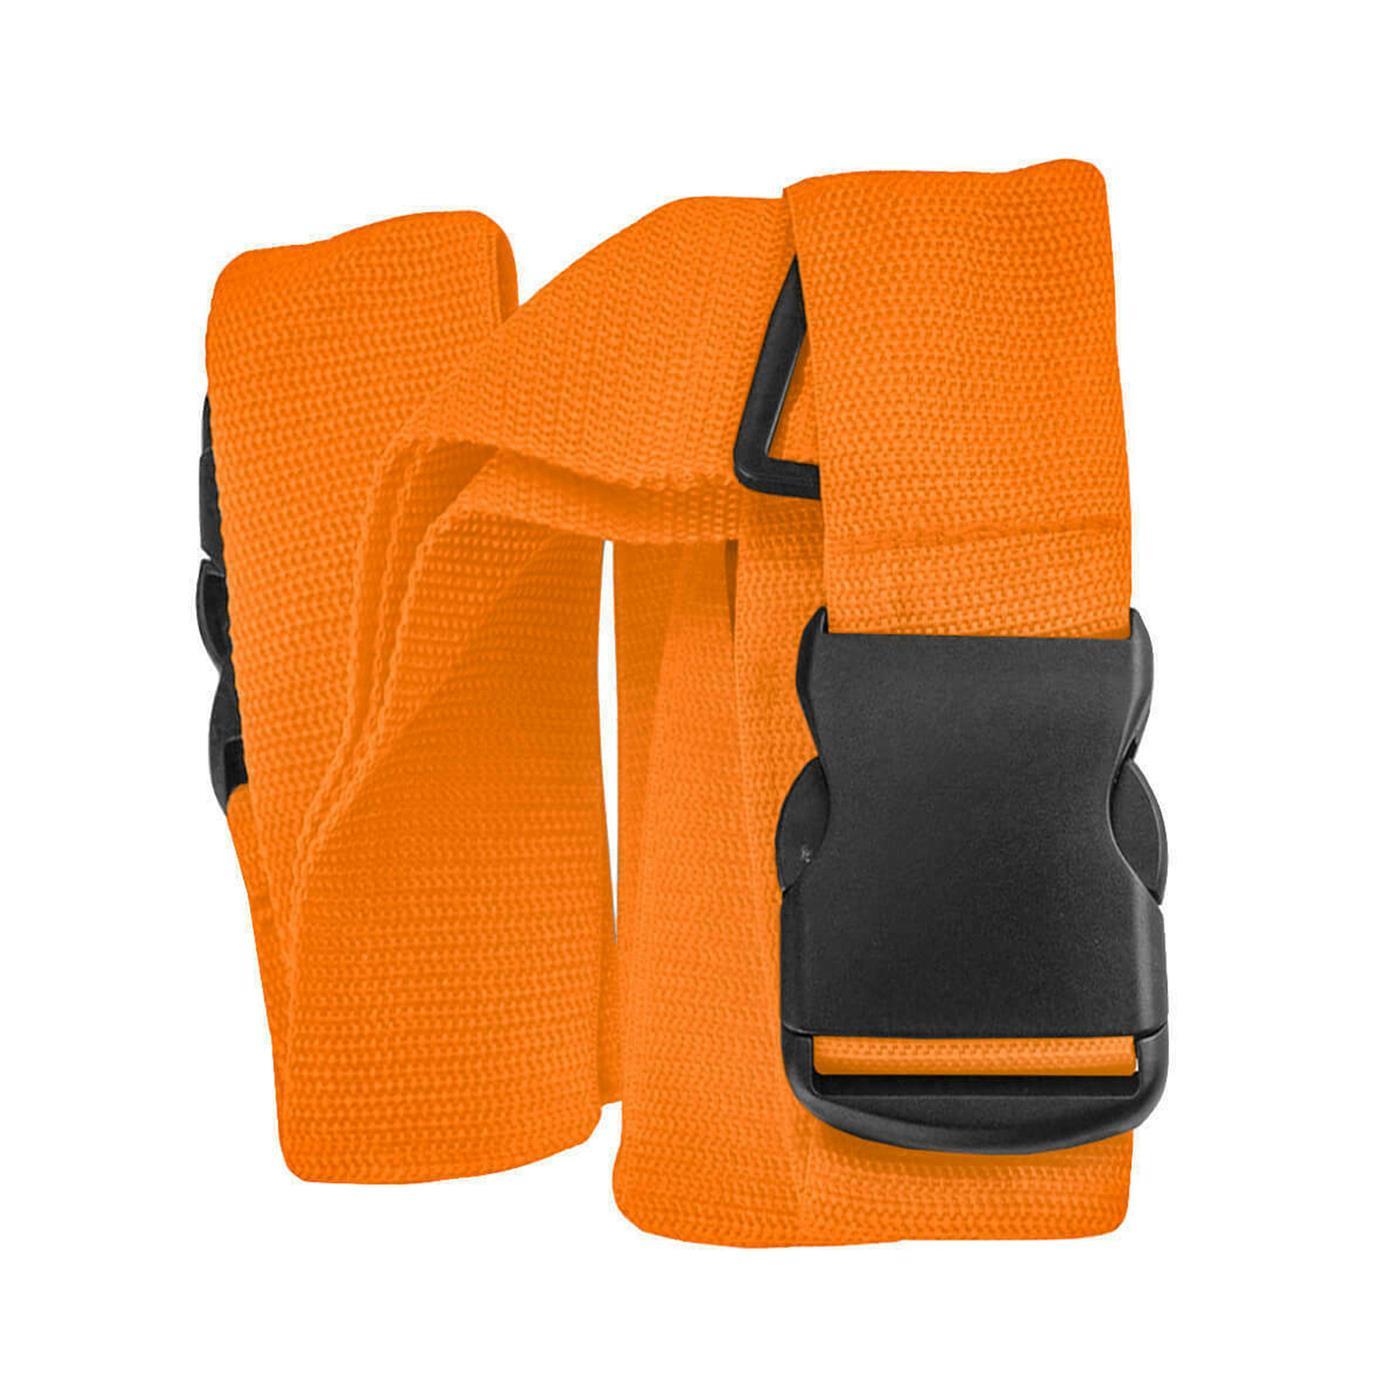 Reise-Kofferband-Koffergurt-Gepaeckband-Kofferriemen-Gepaeckgurt-Kofferguertel-Band Indexbild 16